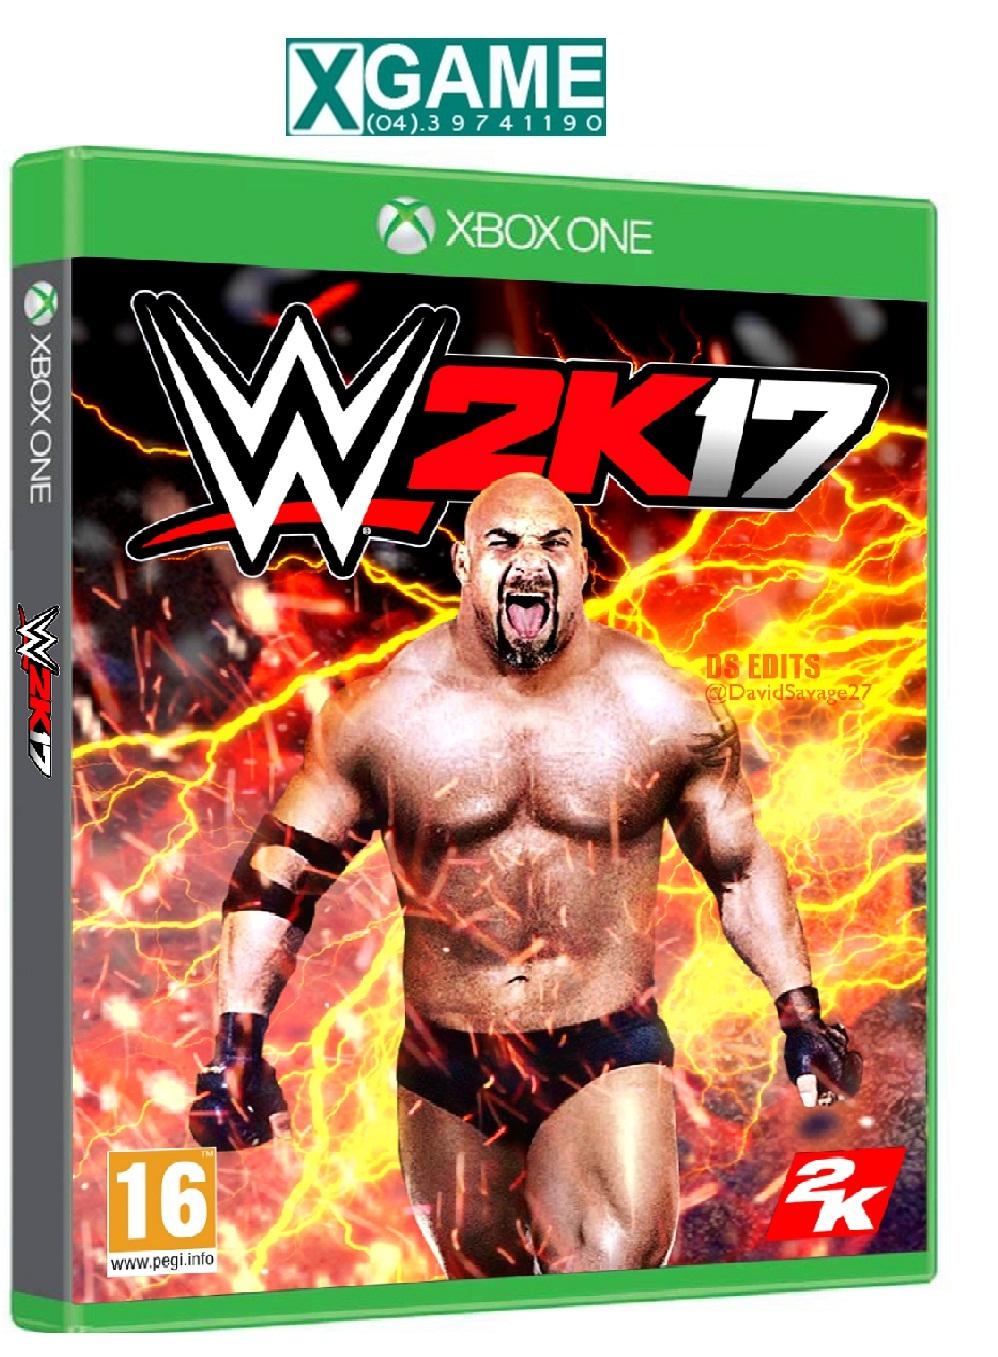 Nơi mua Đĩa game WWE 2K17 cho PS4